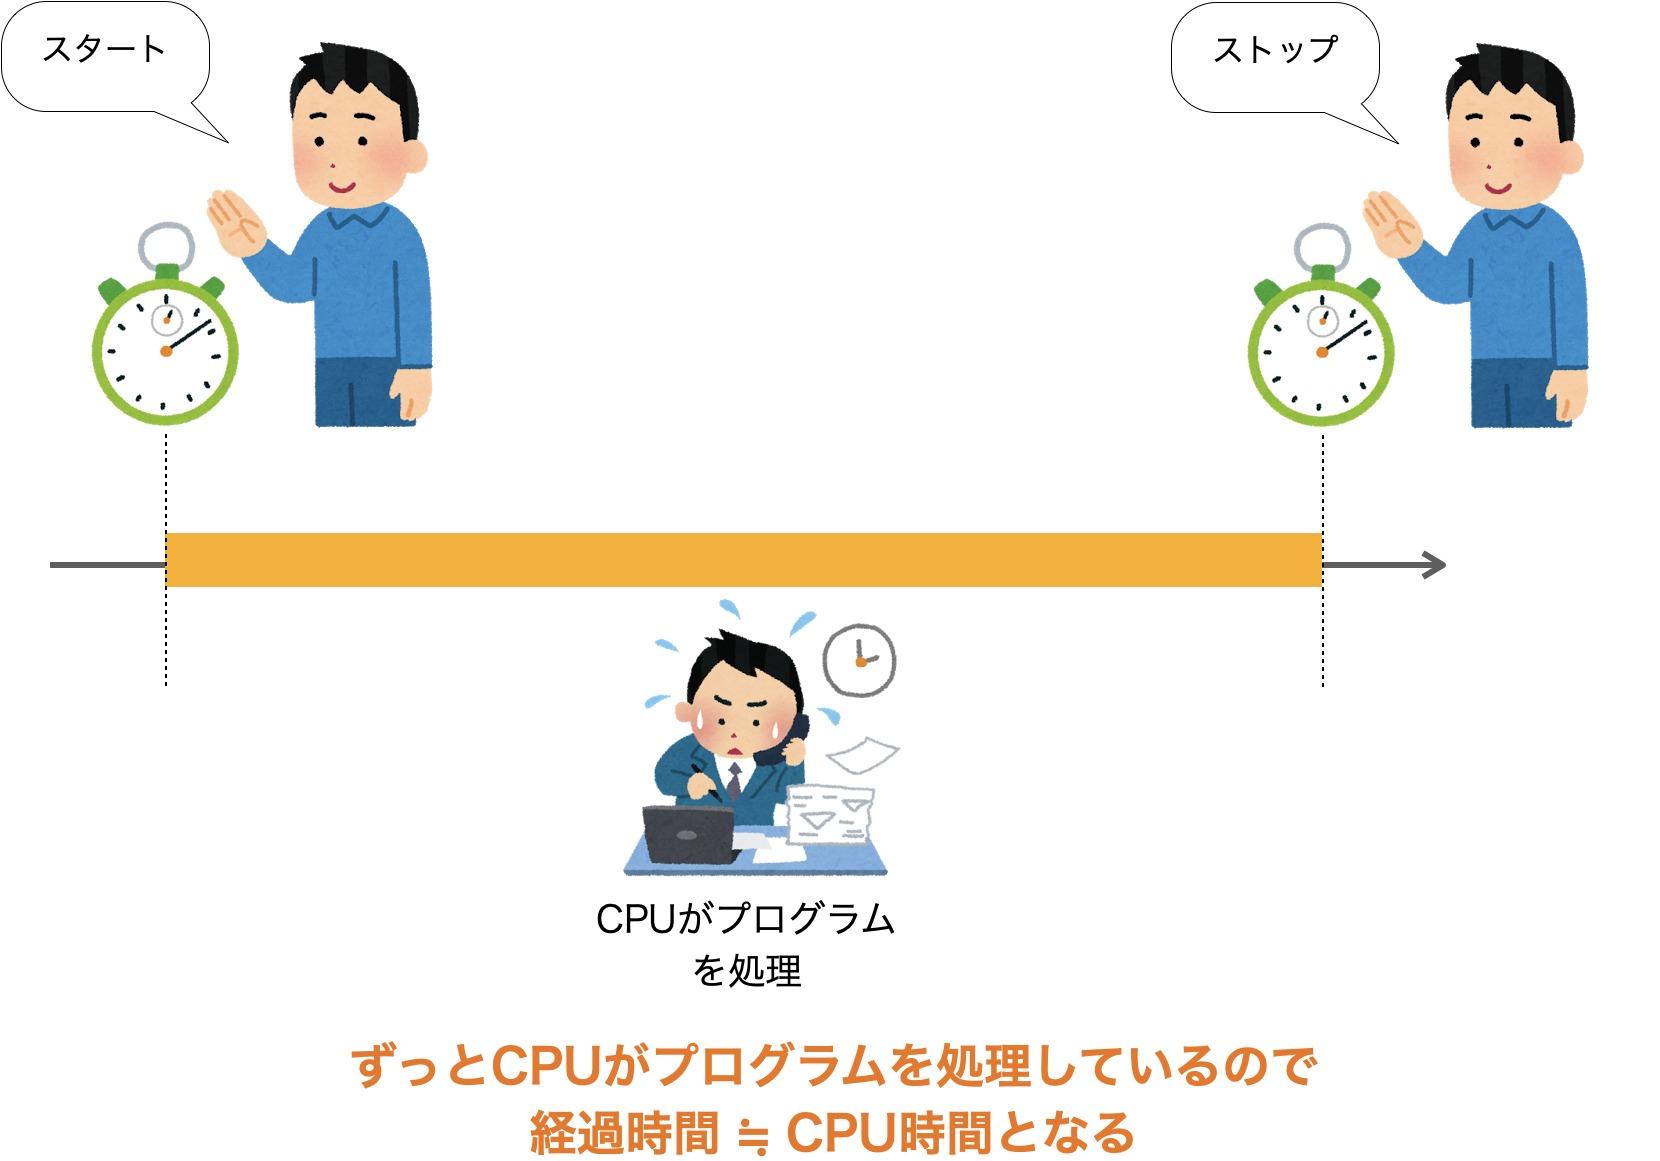 常にCPUが処理している時の時間計測